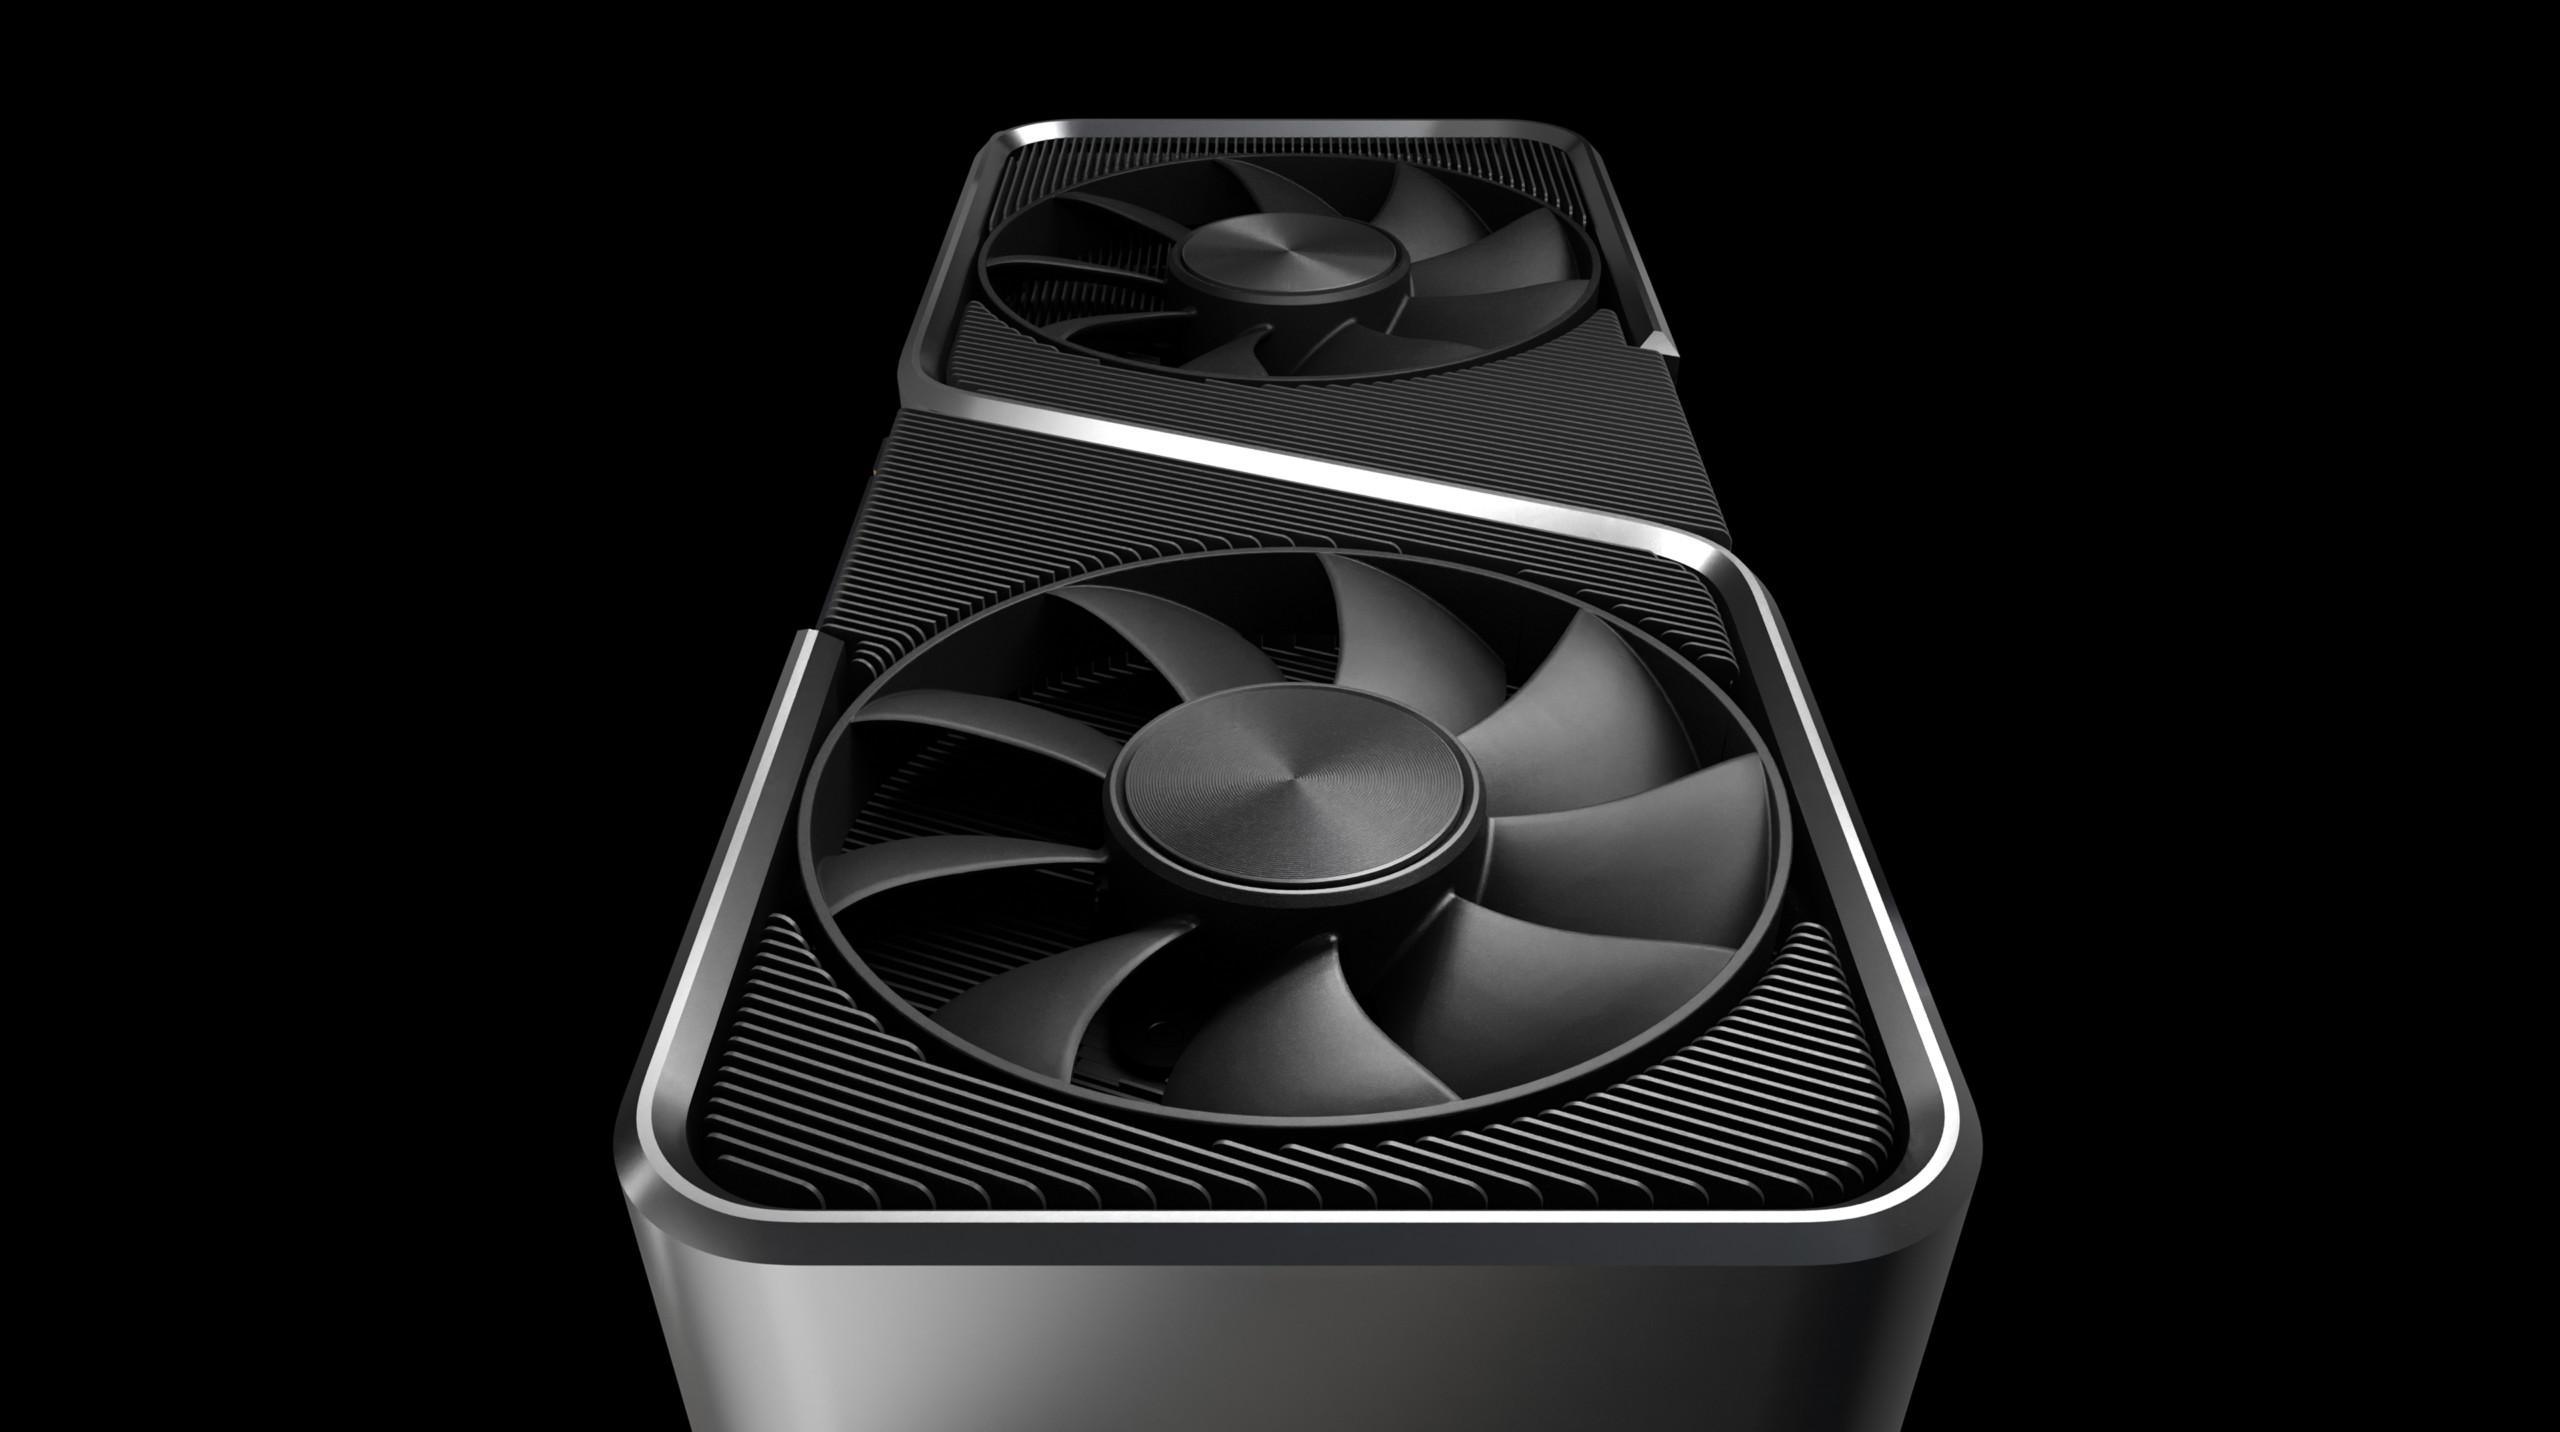 Nvidia précise ses RTX 3000, Huawei prêt à se battre et Nintendo joue la nostalgie – Tech'spresso